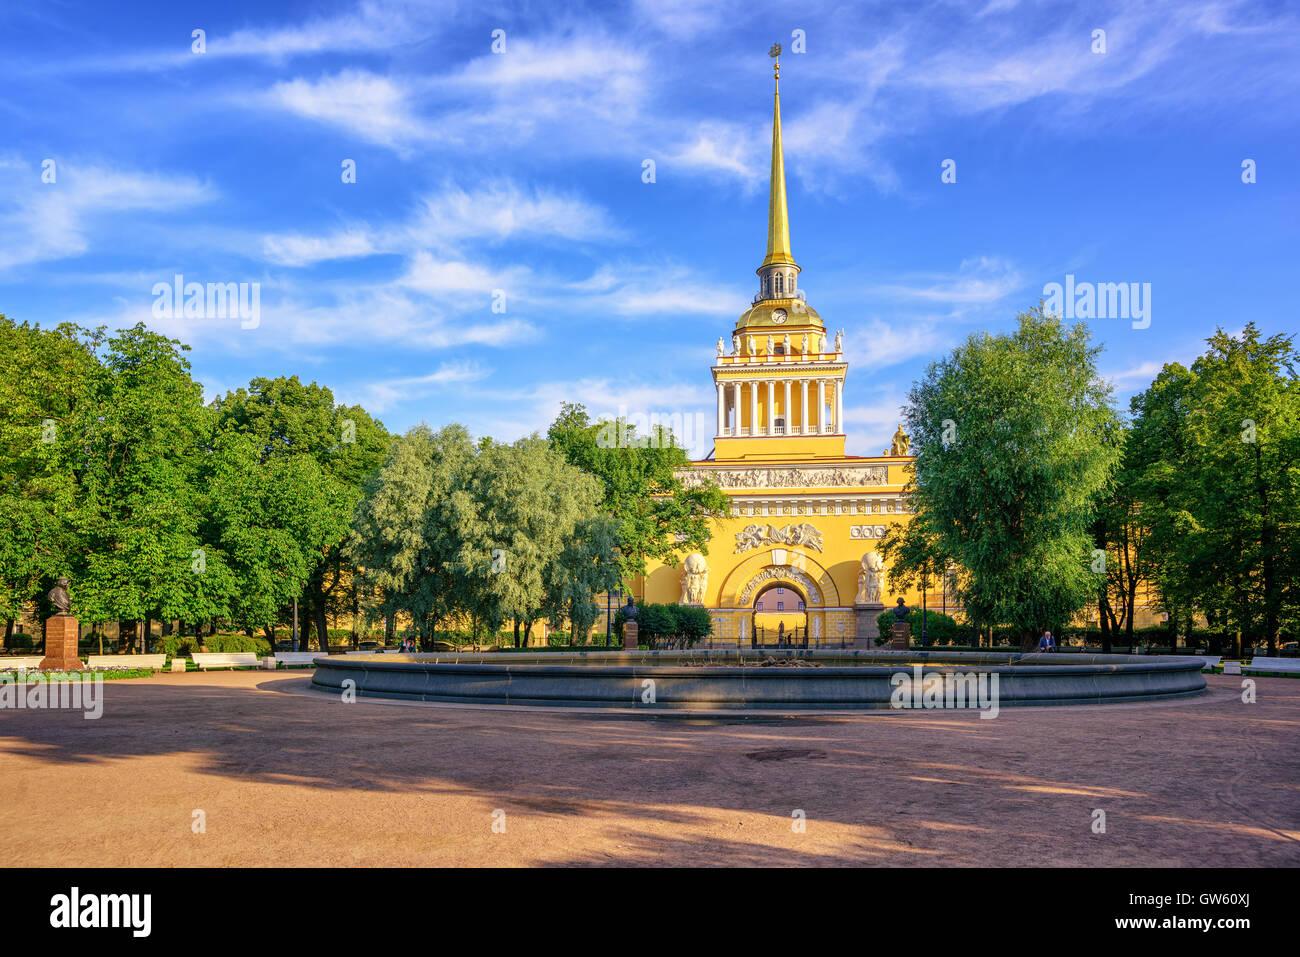 Der goldene Turm der neoklassizistischen Gebäude der Admiralität ist ikonischen Blick in St Petersburg, Stockbild